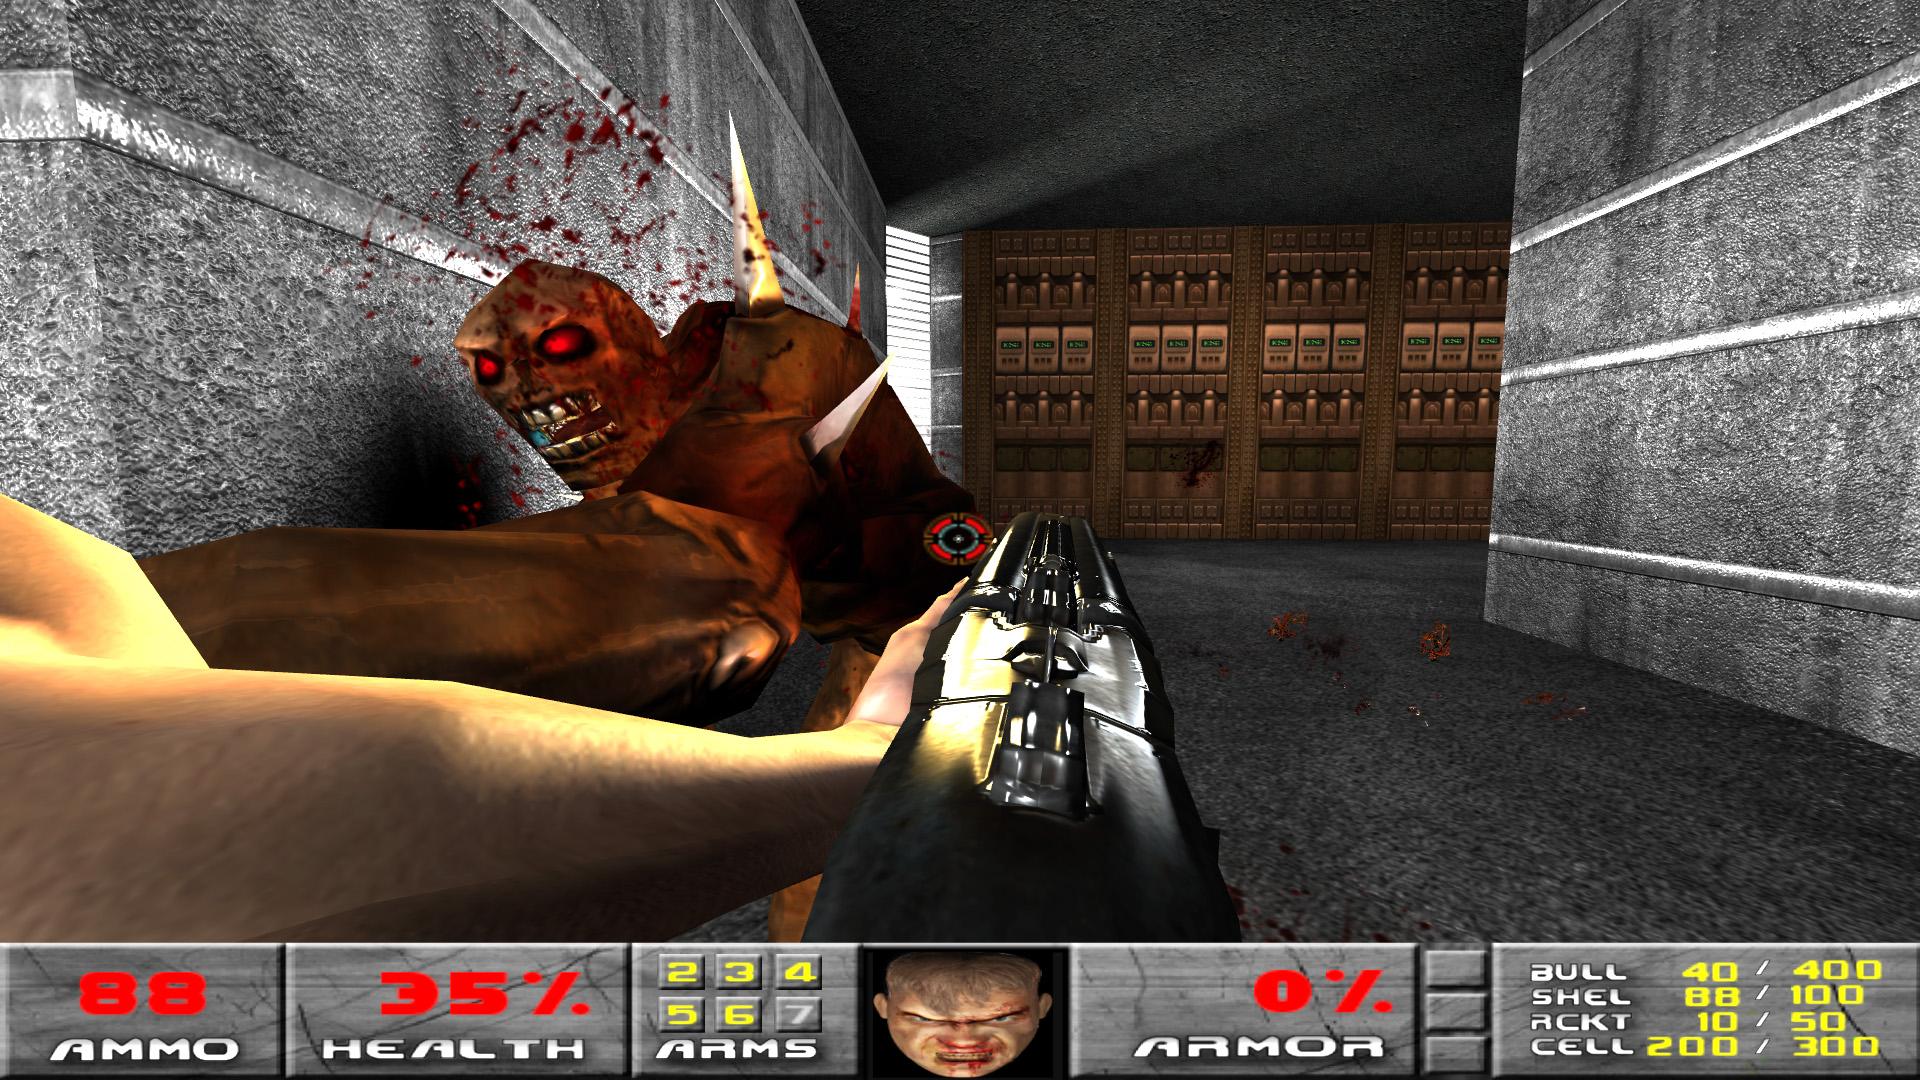 独立可玩Mod!大神利用《毁灭战士3》引擎重制1&2代游戏